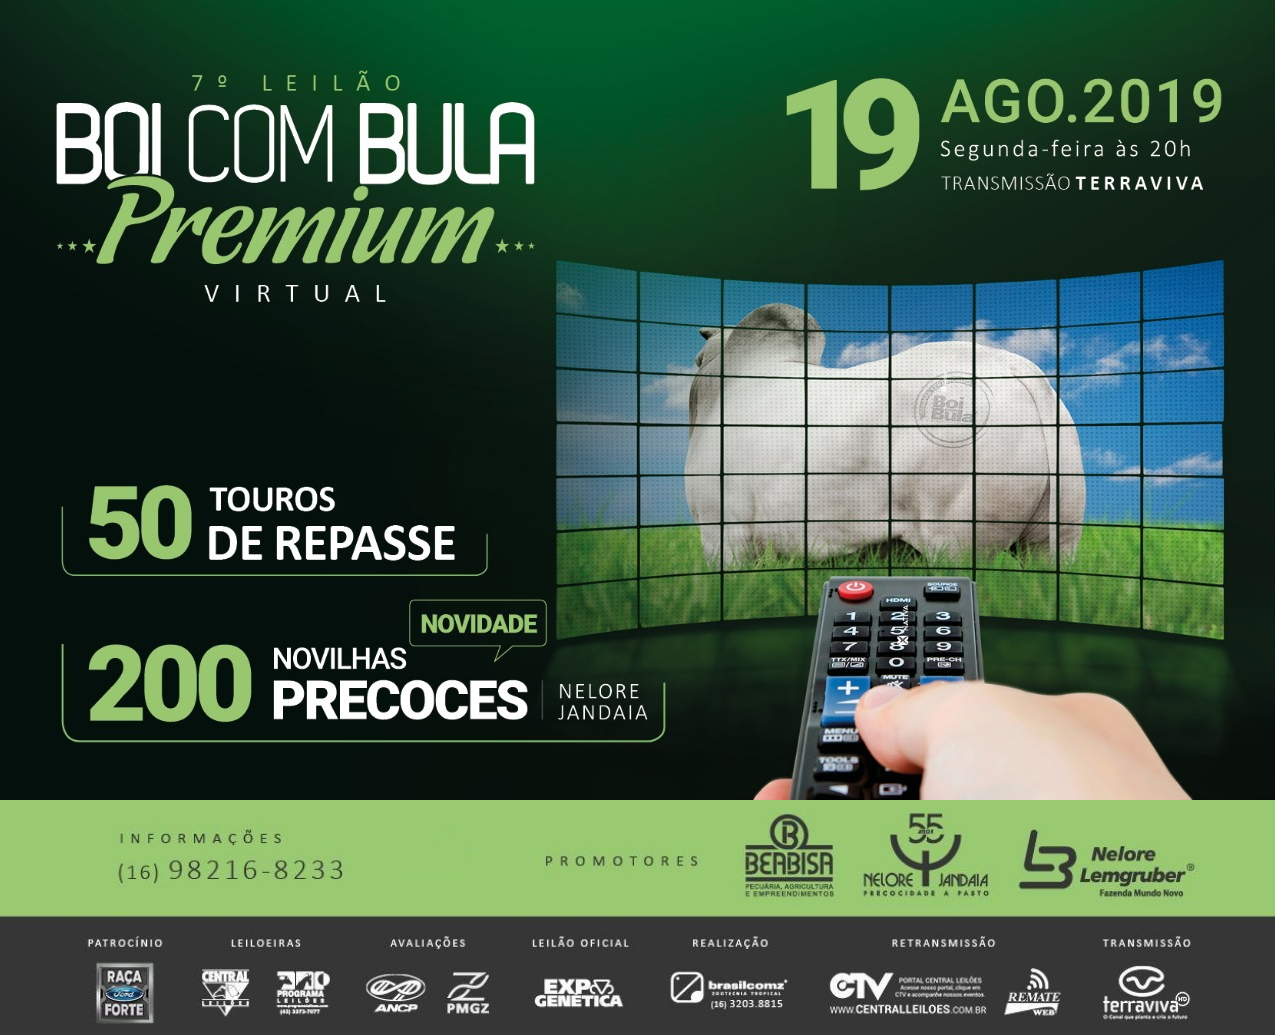 7º LEILÃO BOI COM BULA PREMIUM - VIRTUAL